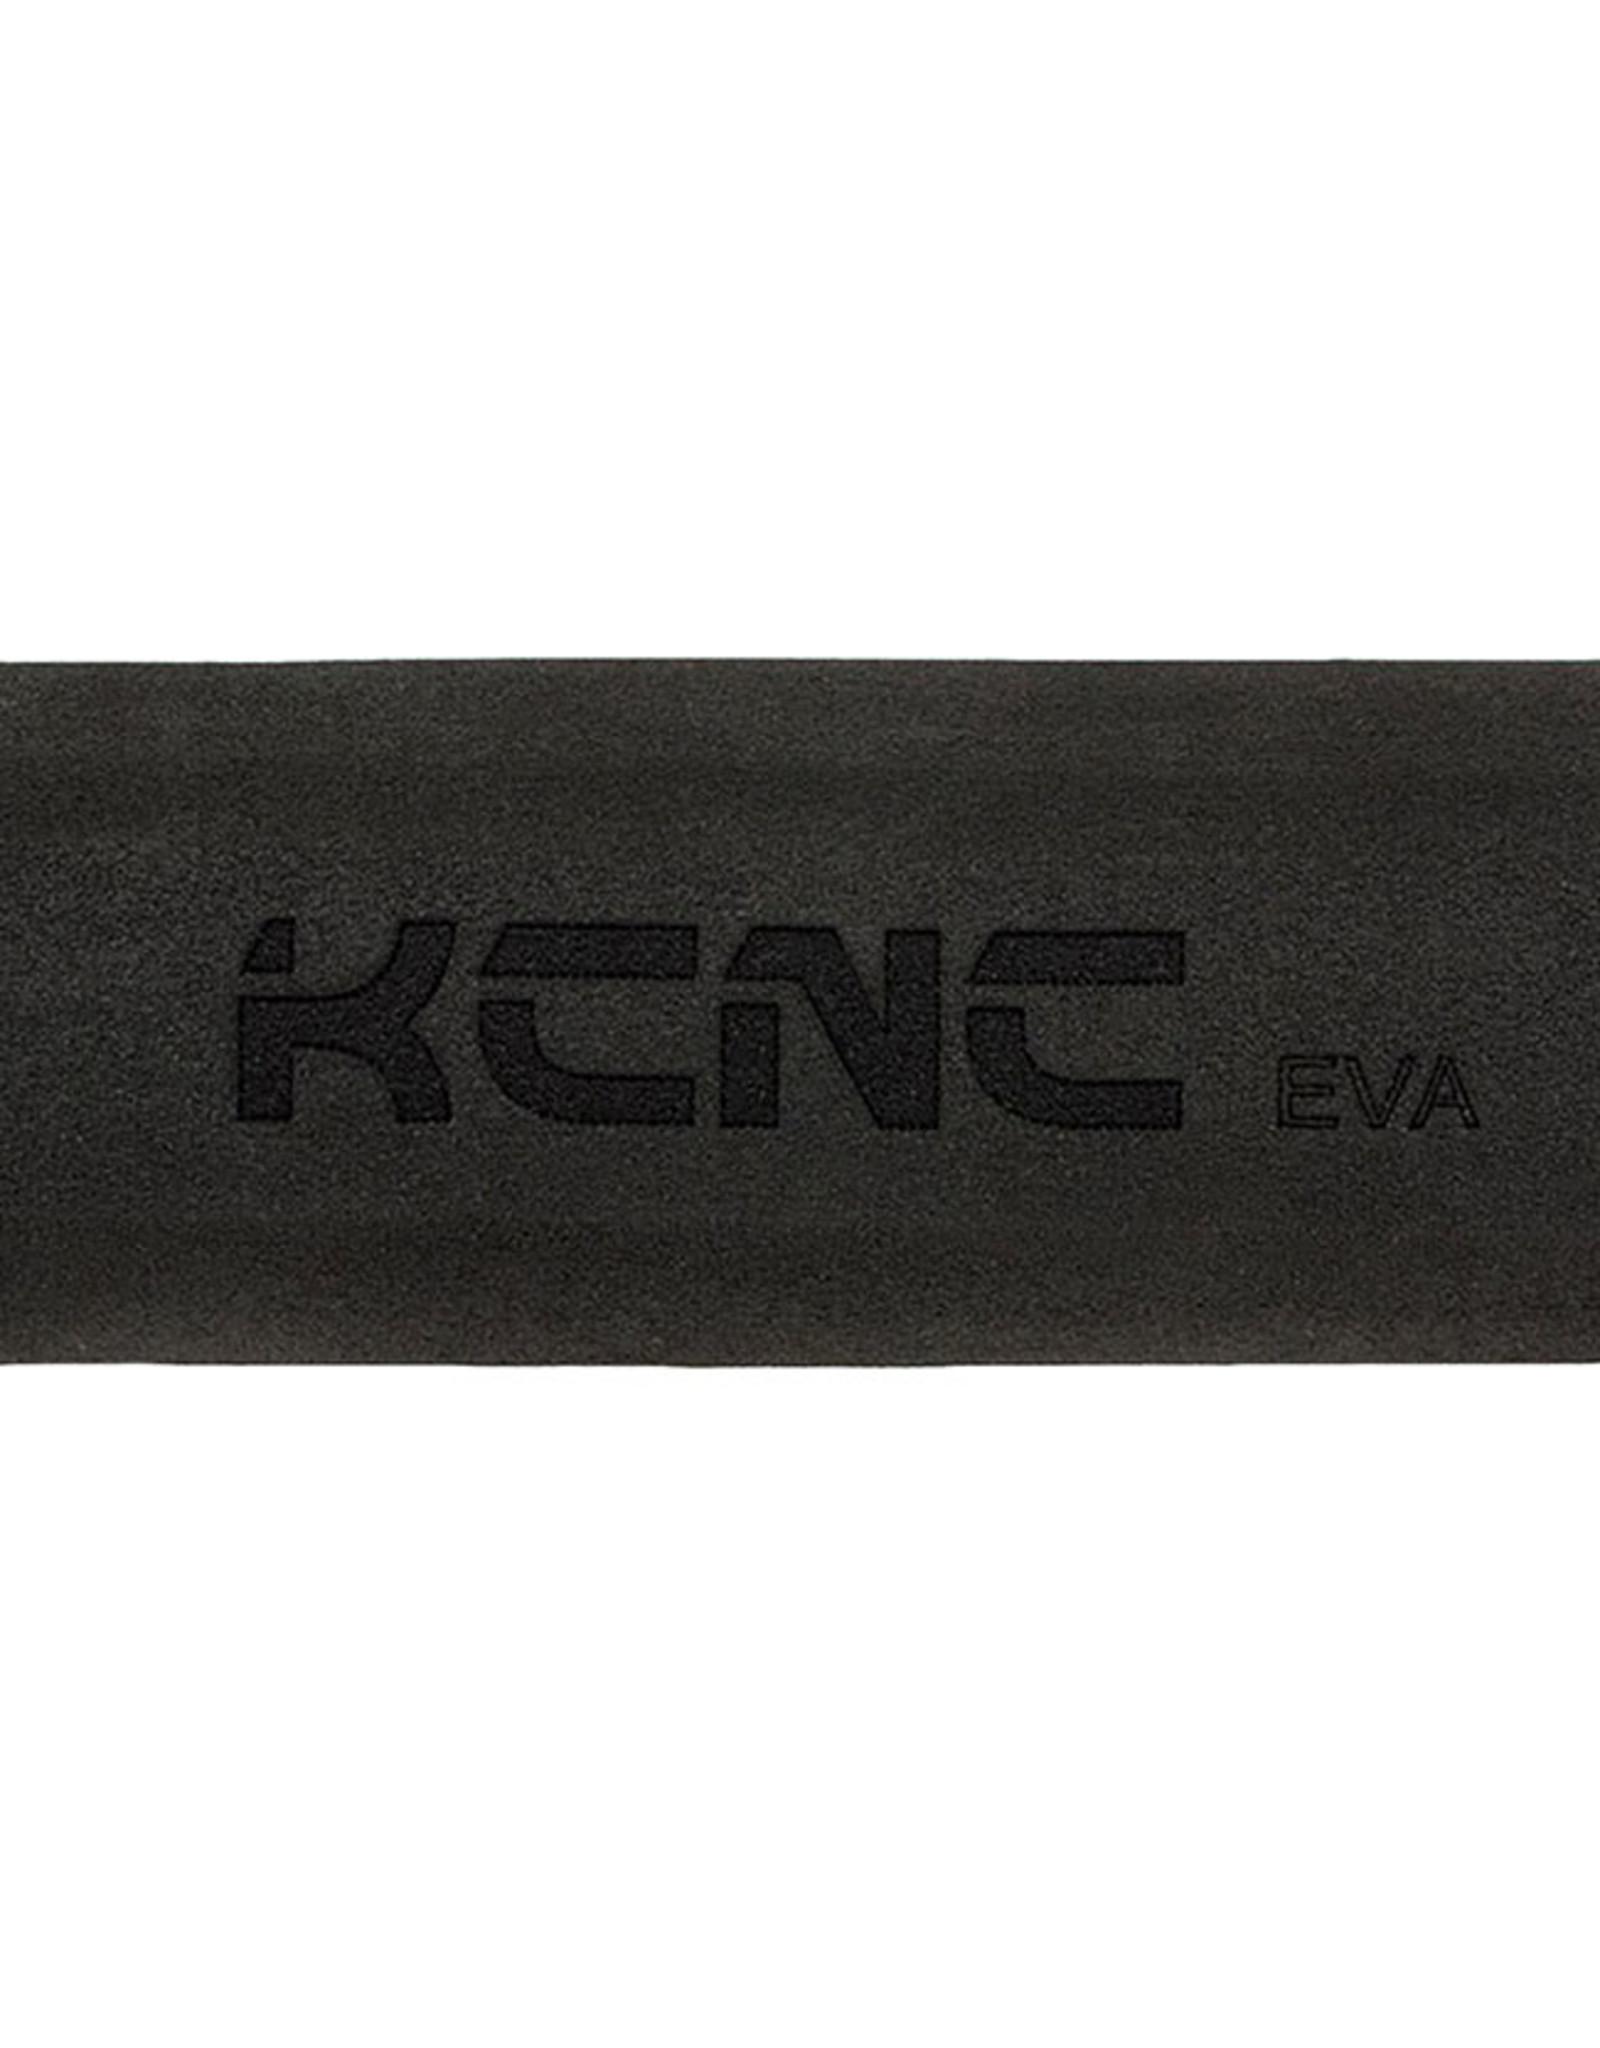 KCNC KCNC EVA Foam Lock-On Grips